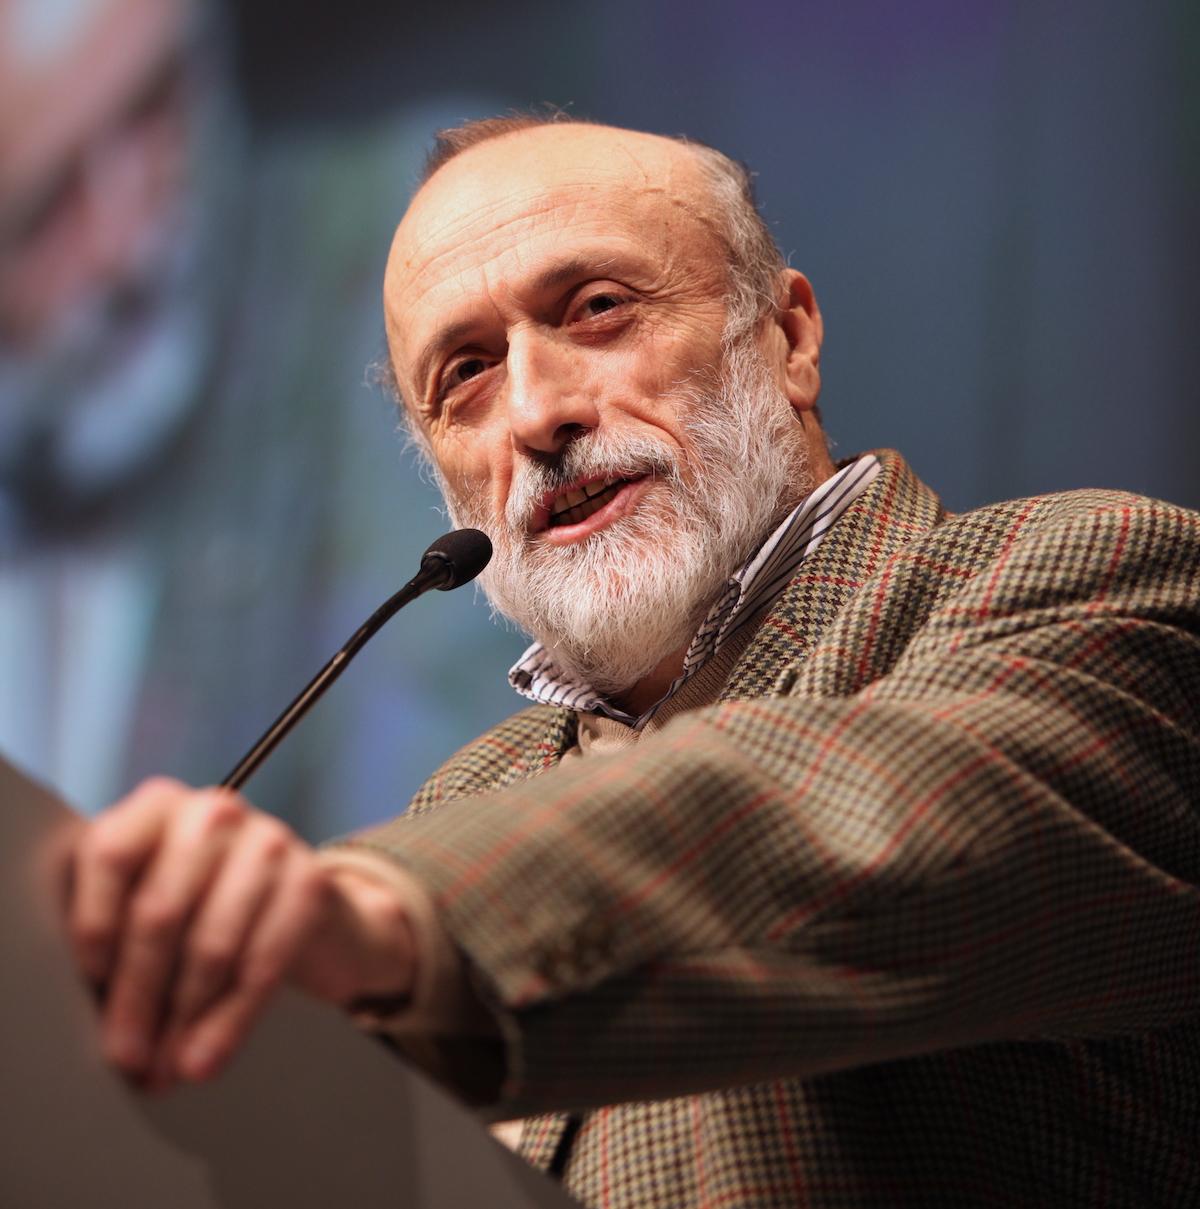 Carlo Petrini (c) Bruno Cordiolo (CC BY 2.0)